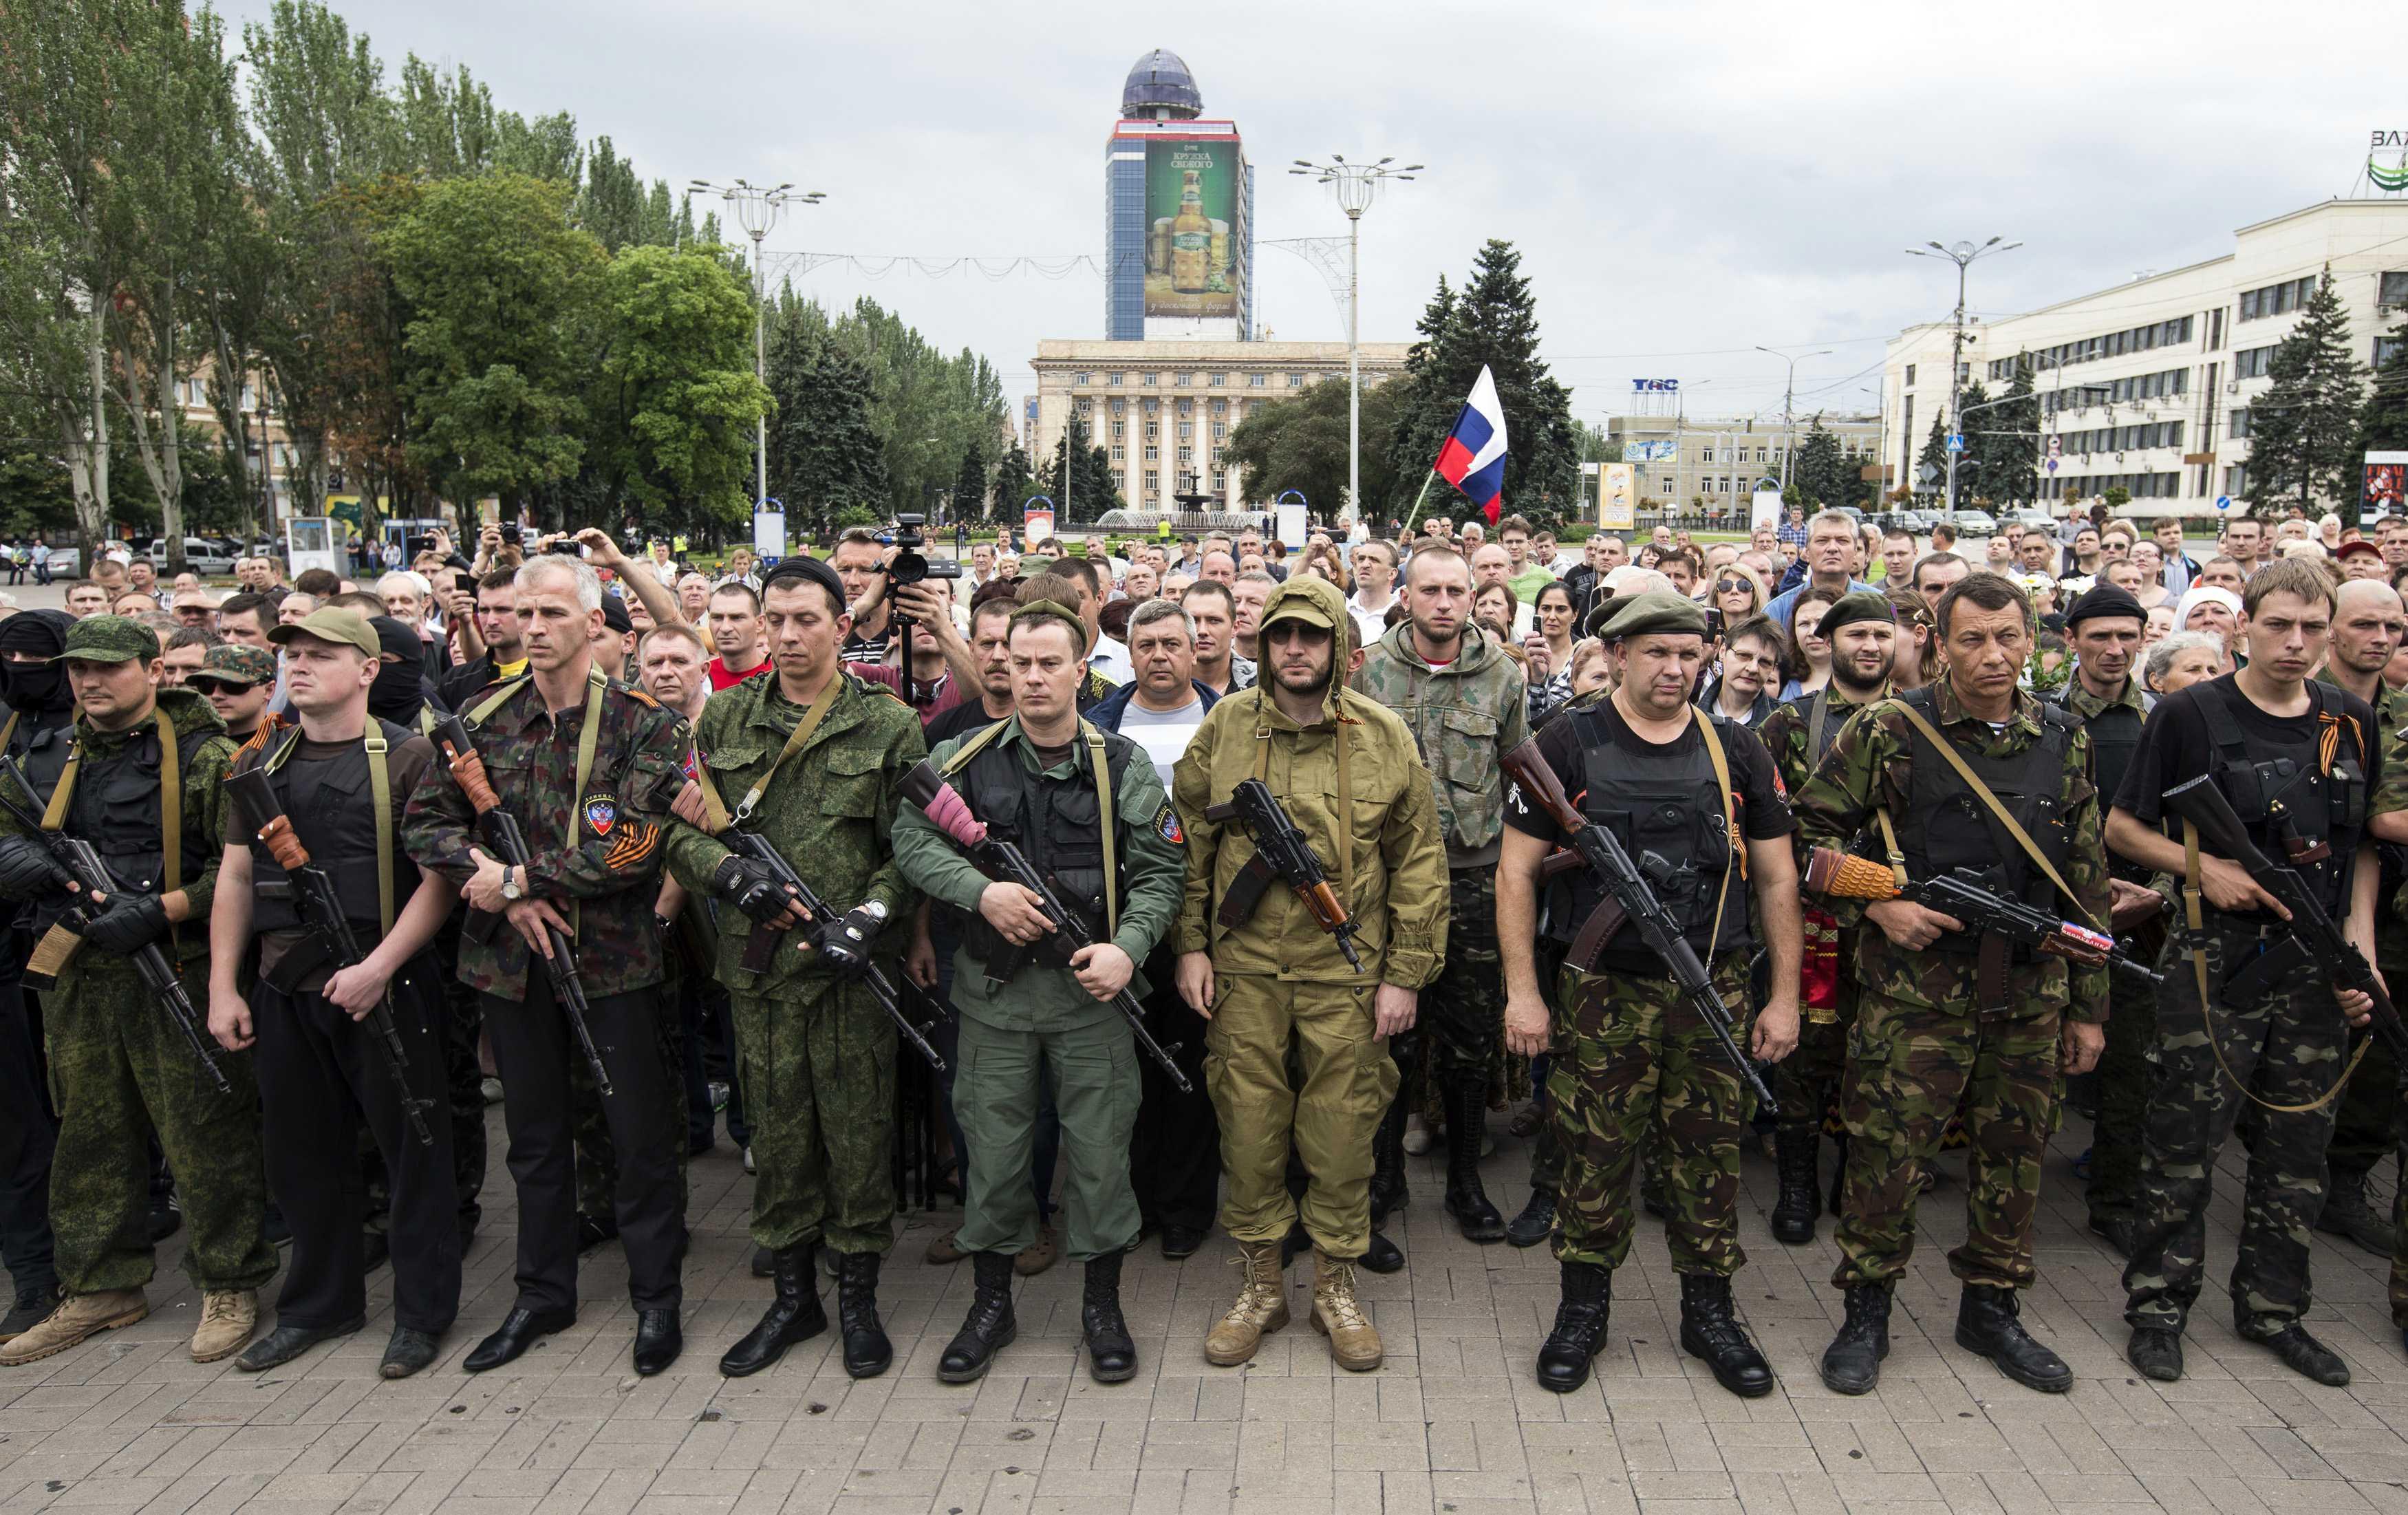 Separatiștii pro-ruși din Donbass, puternic susținuți de oligarhia ortodoxă